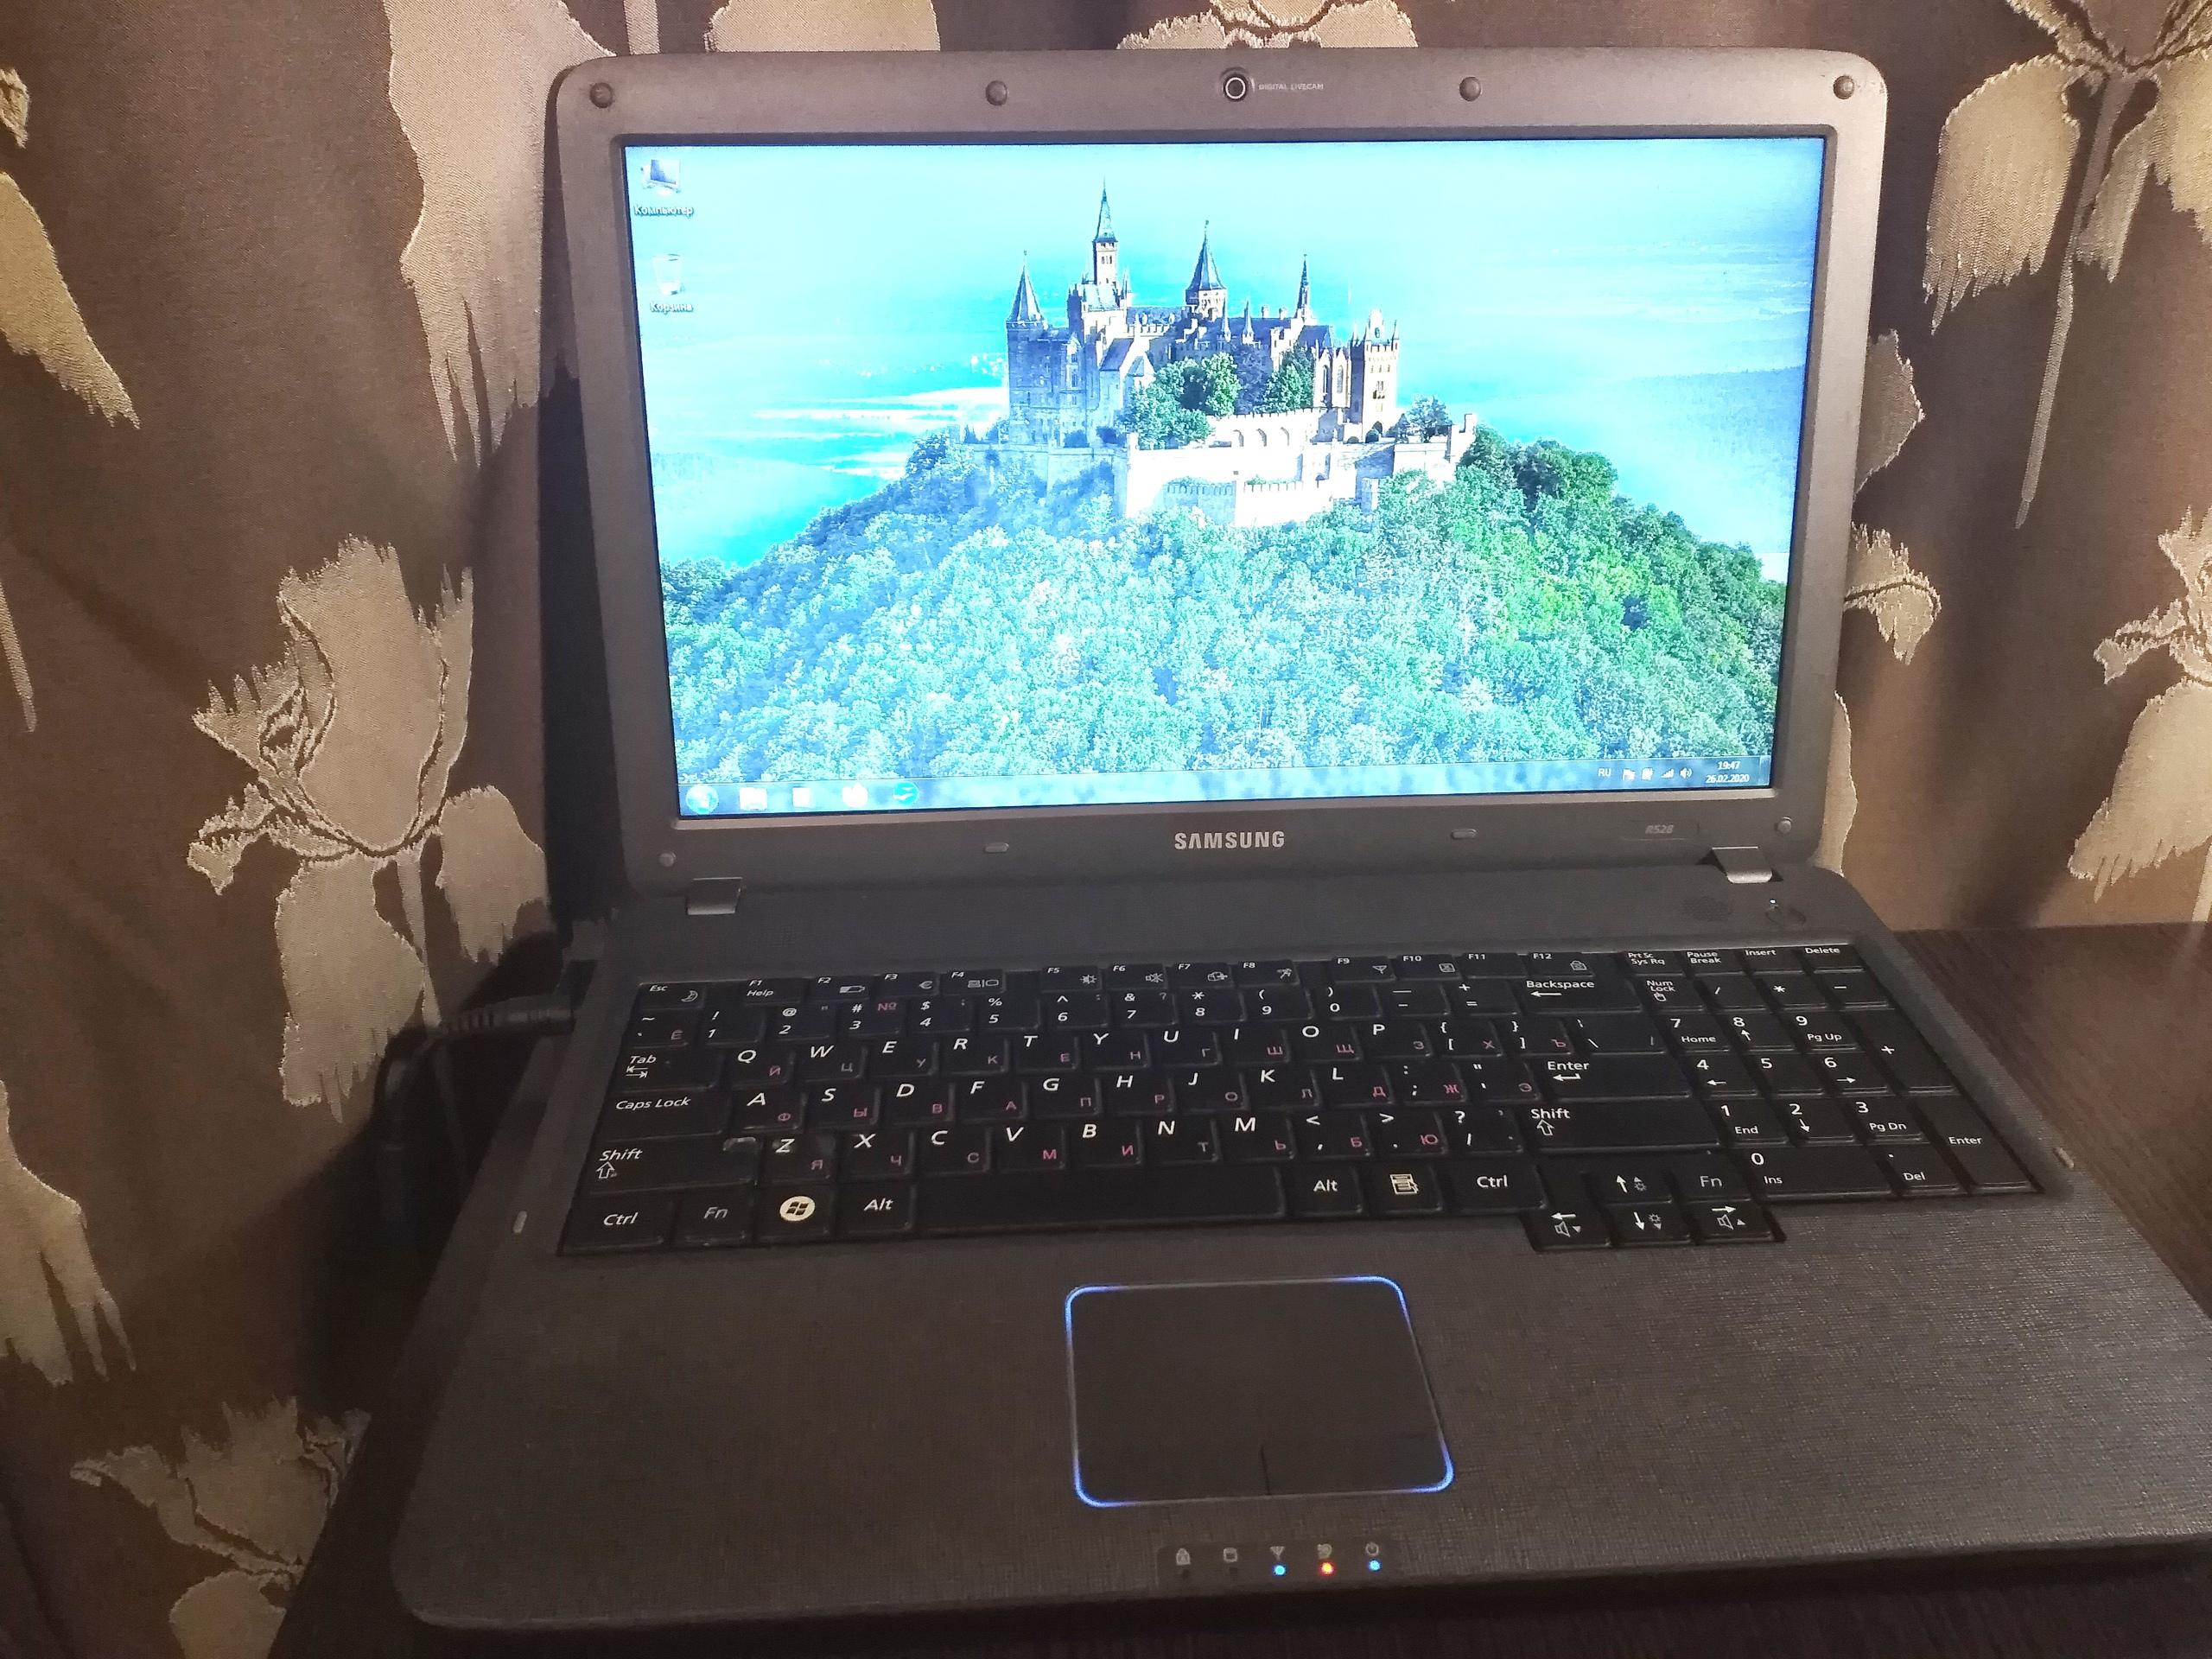 Купить ноутбук Samsung R528. Состояние | Объявления Орска и Новотроицка №1914